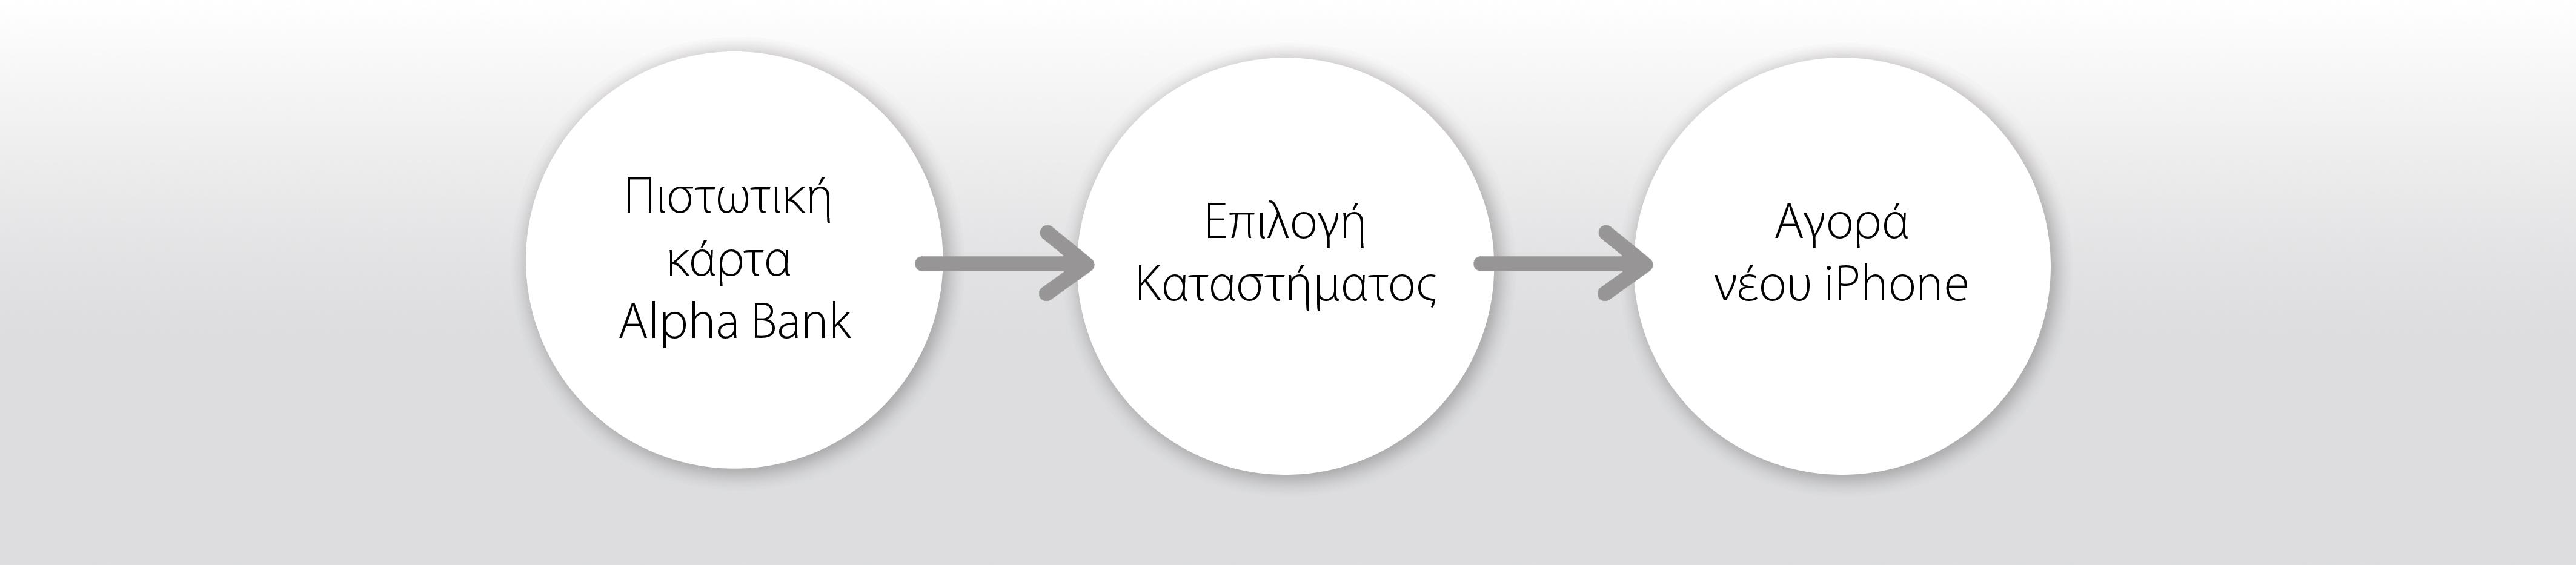 Μπες στο Πρόγραμμα με 3 απλά βήματα